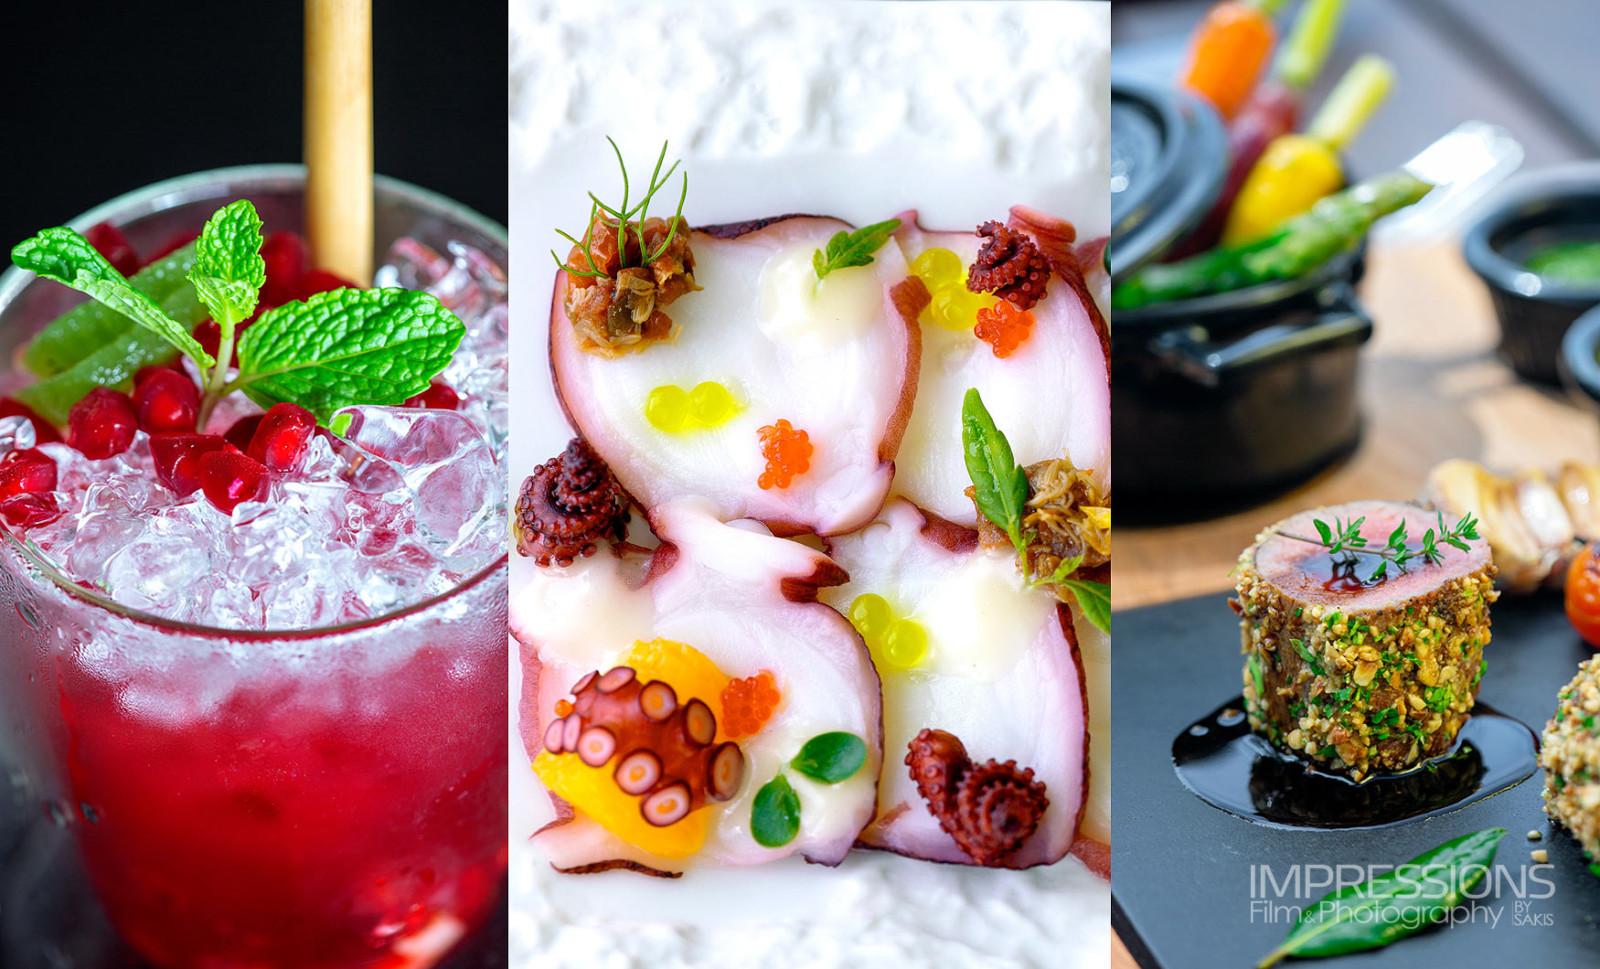 Food Beverage photography luxury hospitality